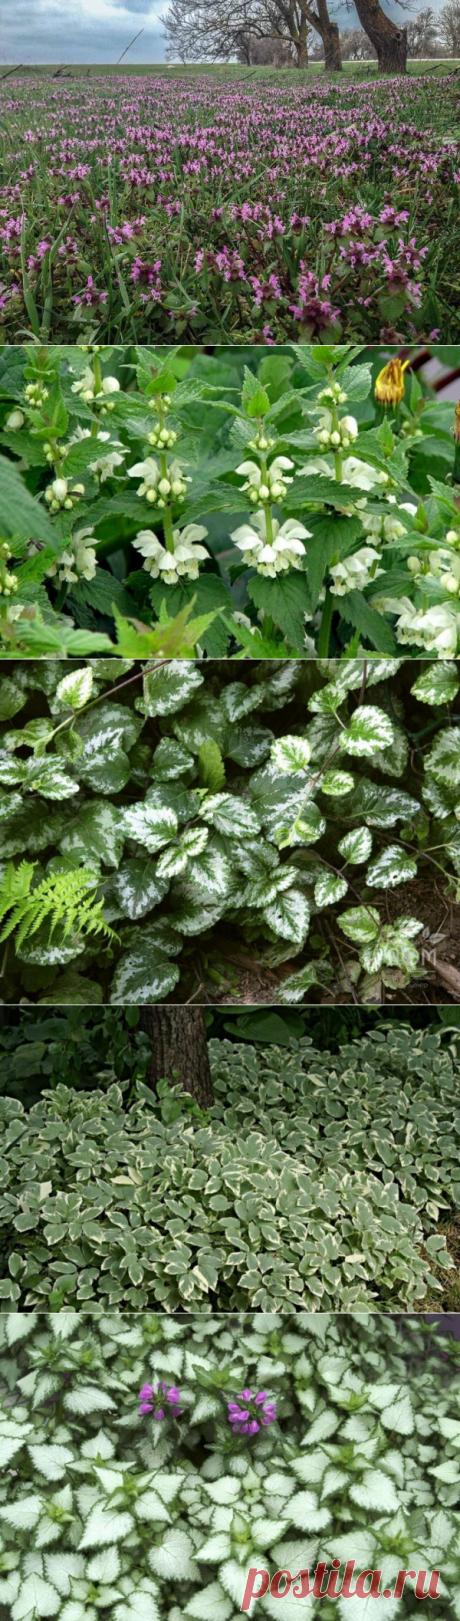 Яснотка: виды с фото, посадка и уход, лечебные свойства и противопоказания